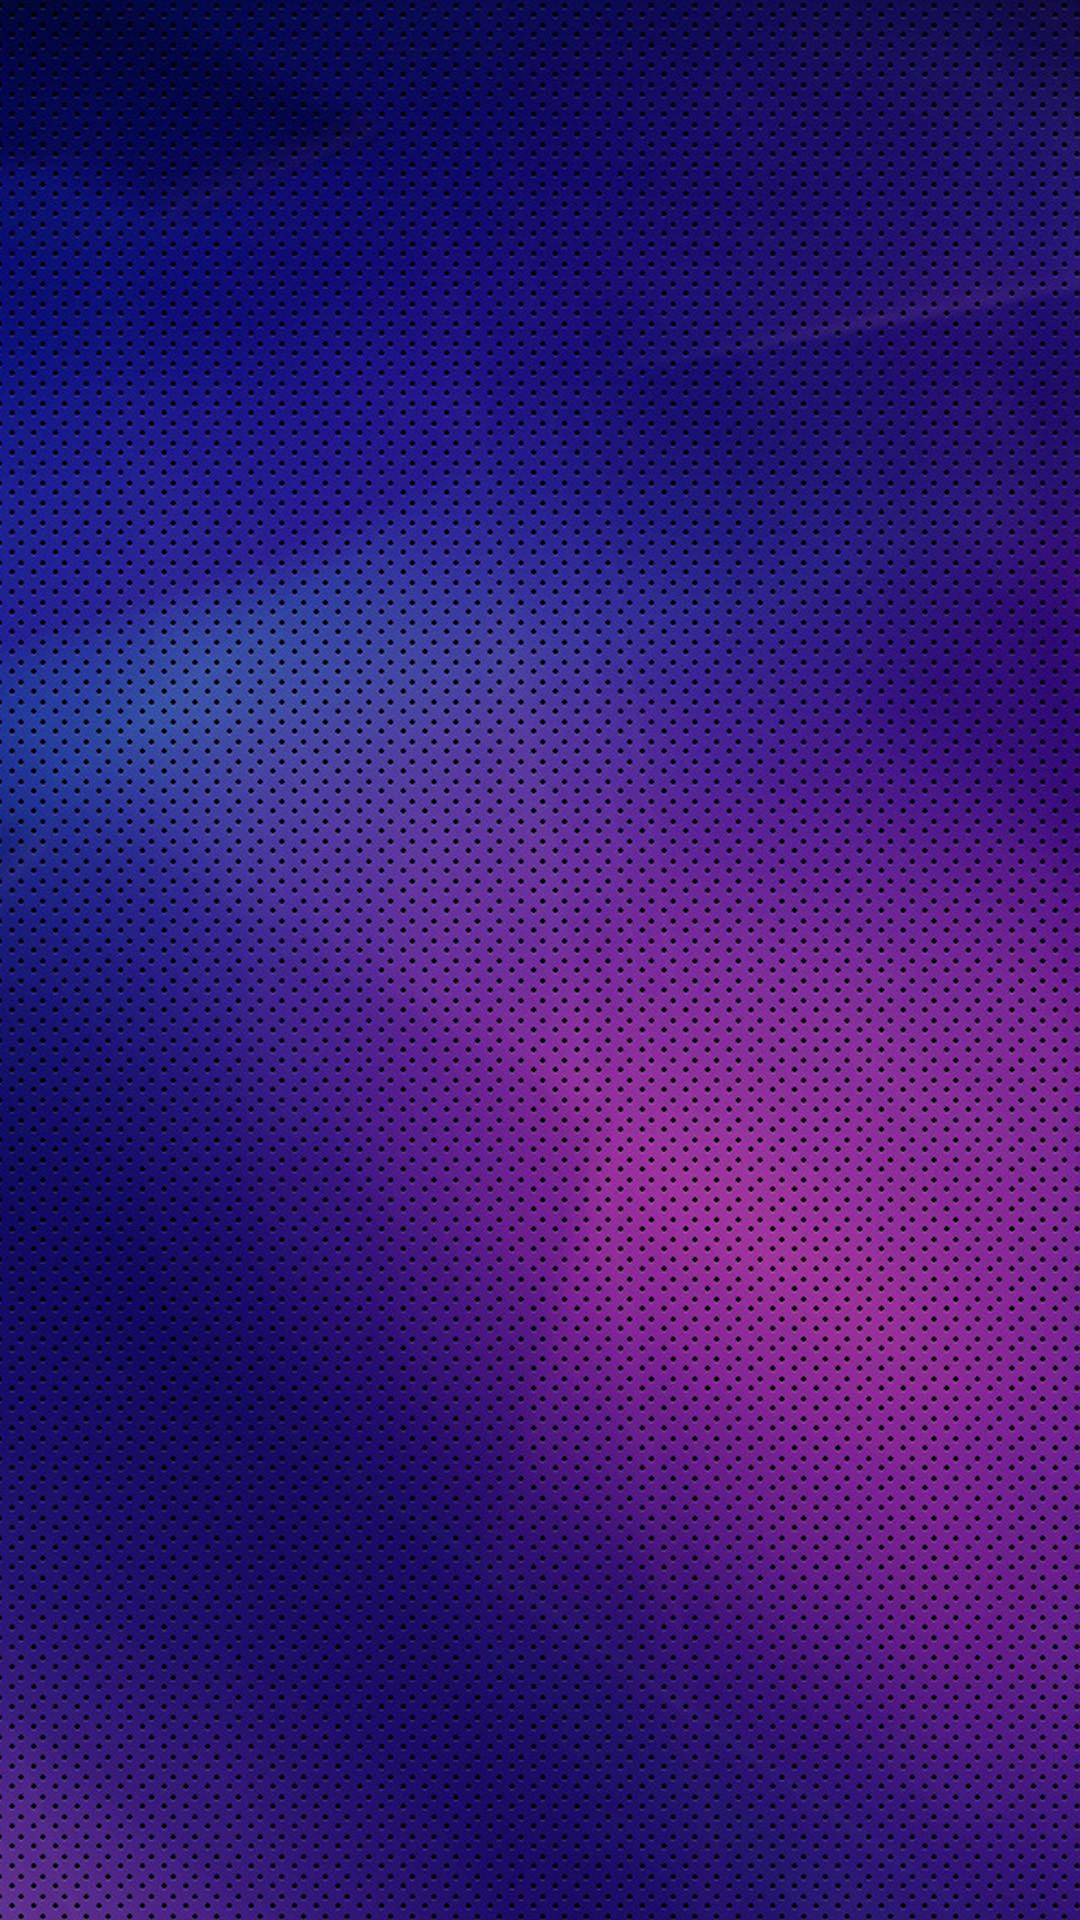 Blue and Mauve Wallpaper – WallpaperSafari